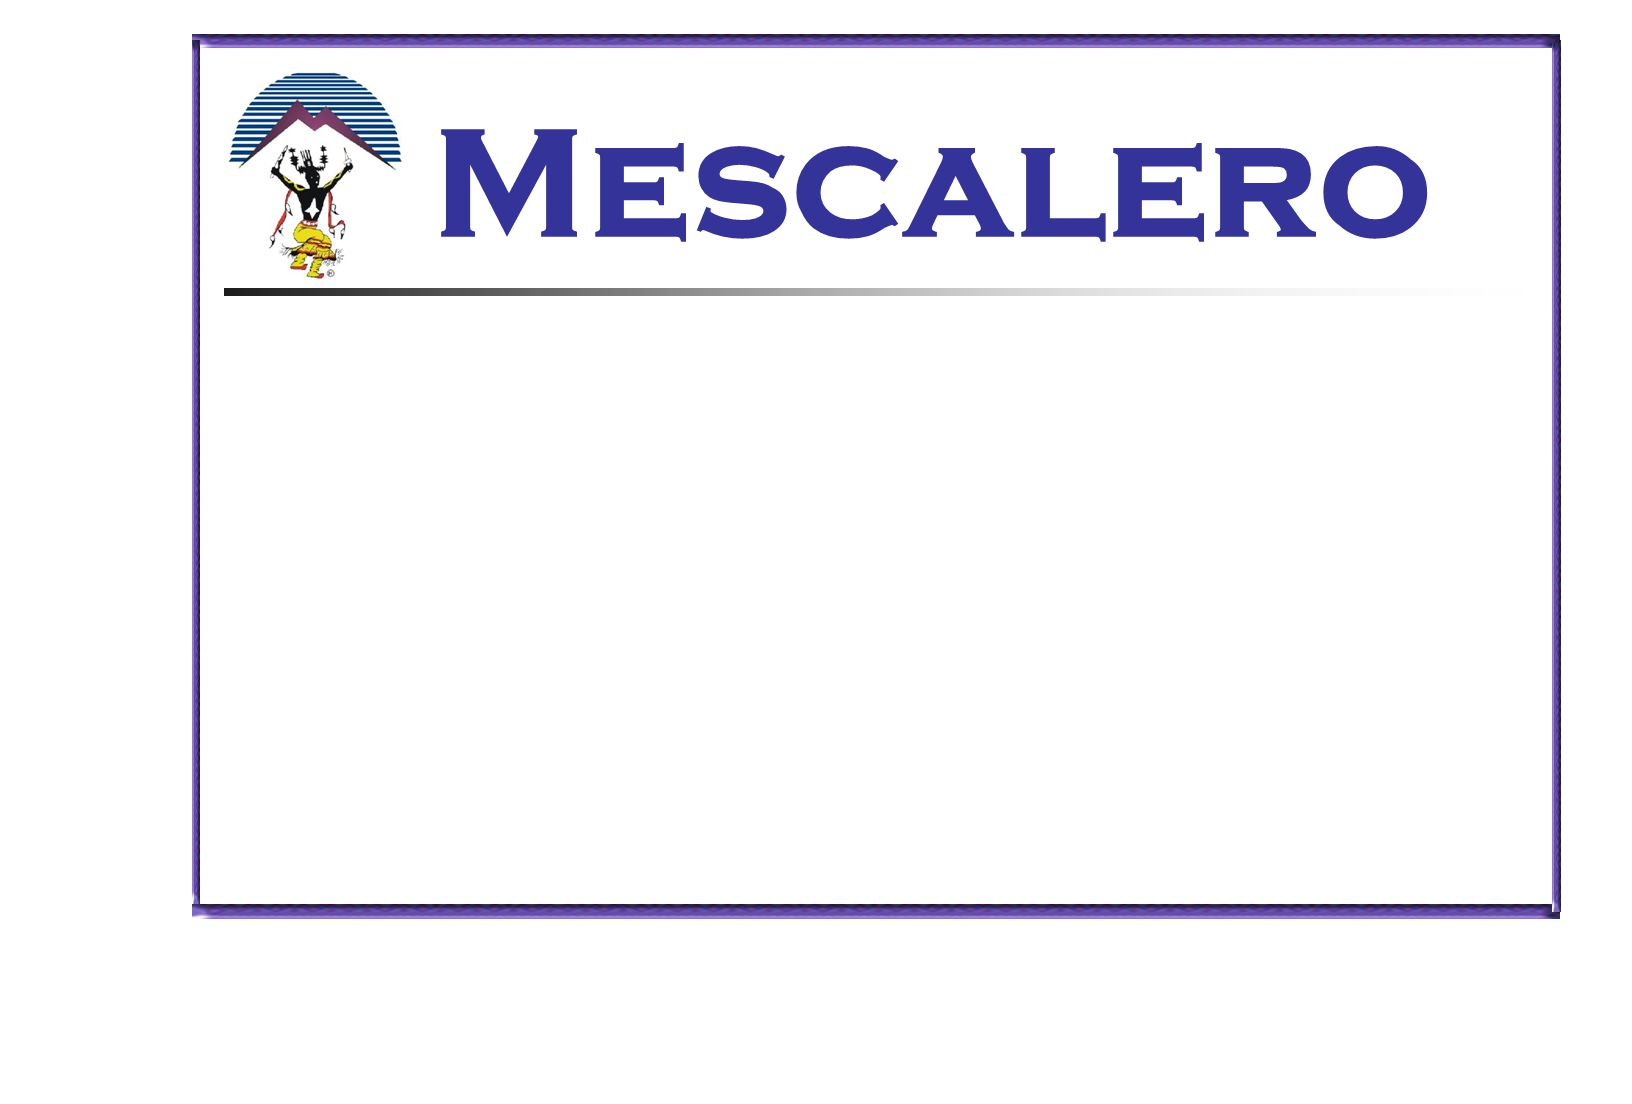 Mescalero